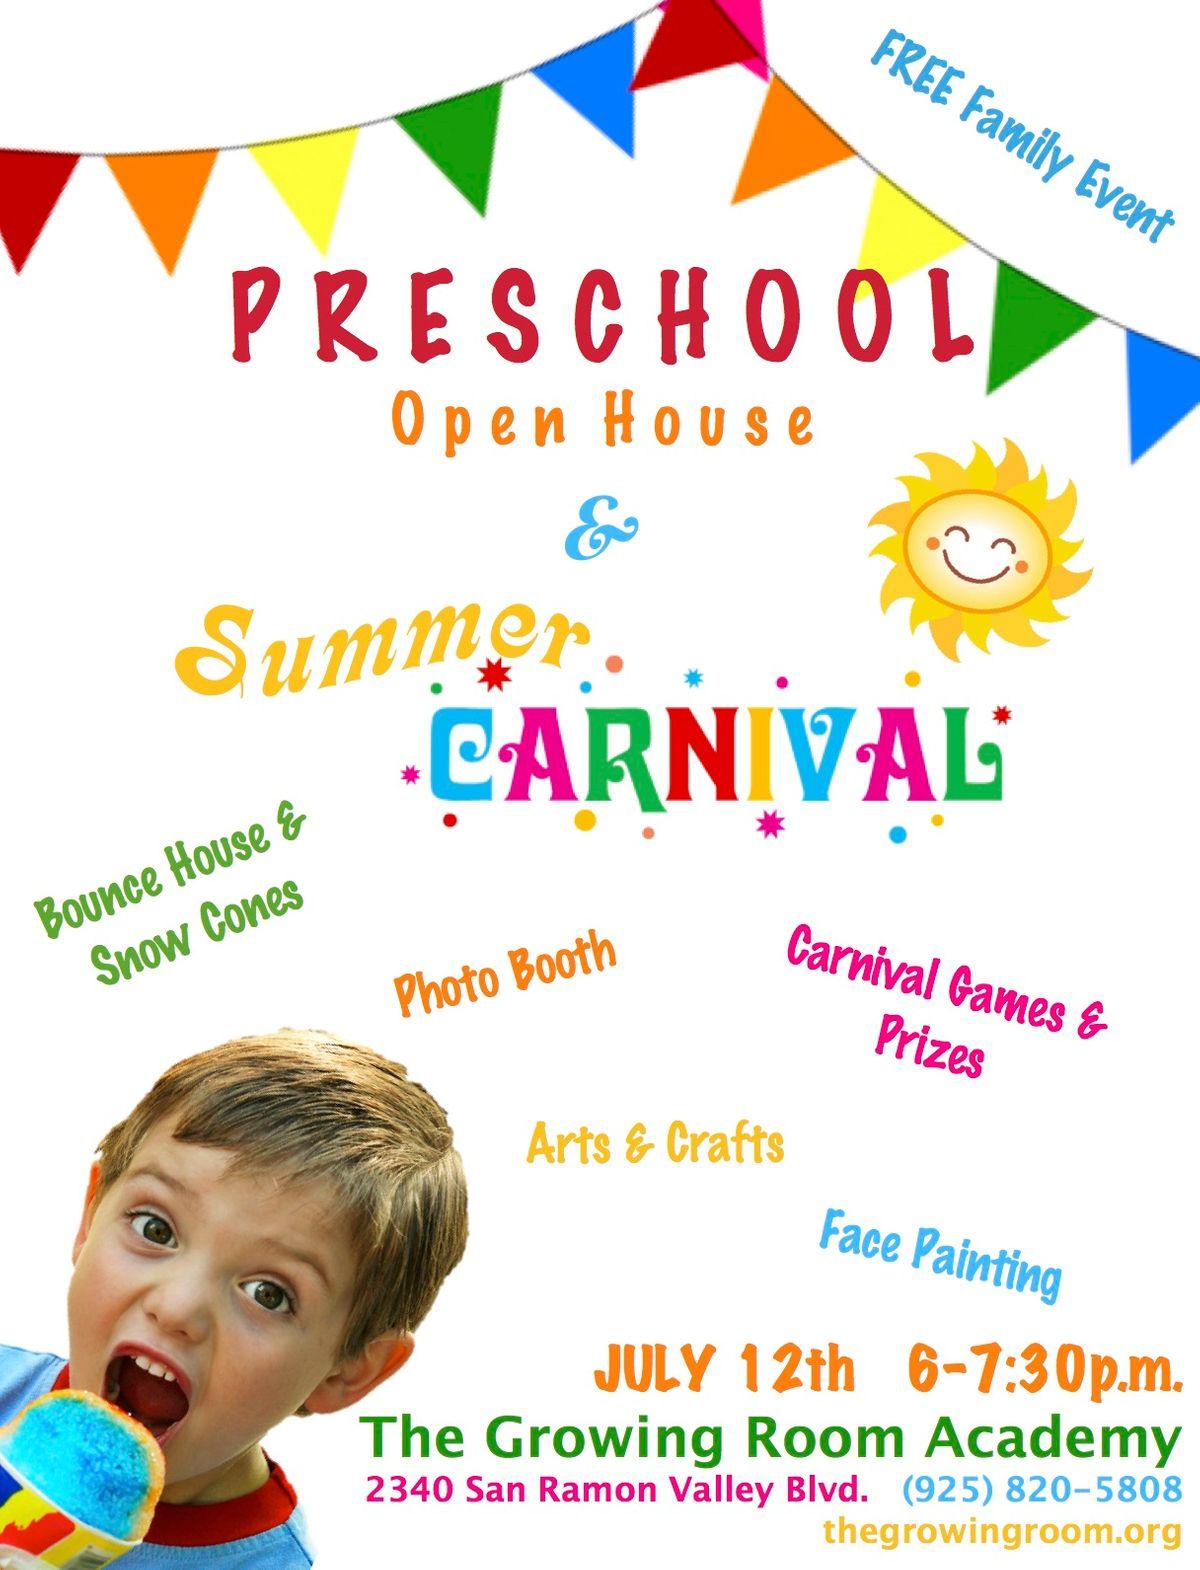 Preschool Open House-Carnival 3 JPEG.jpg